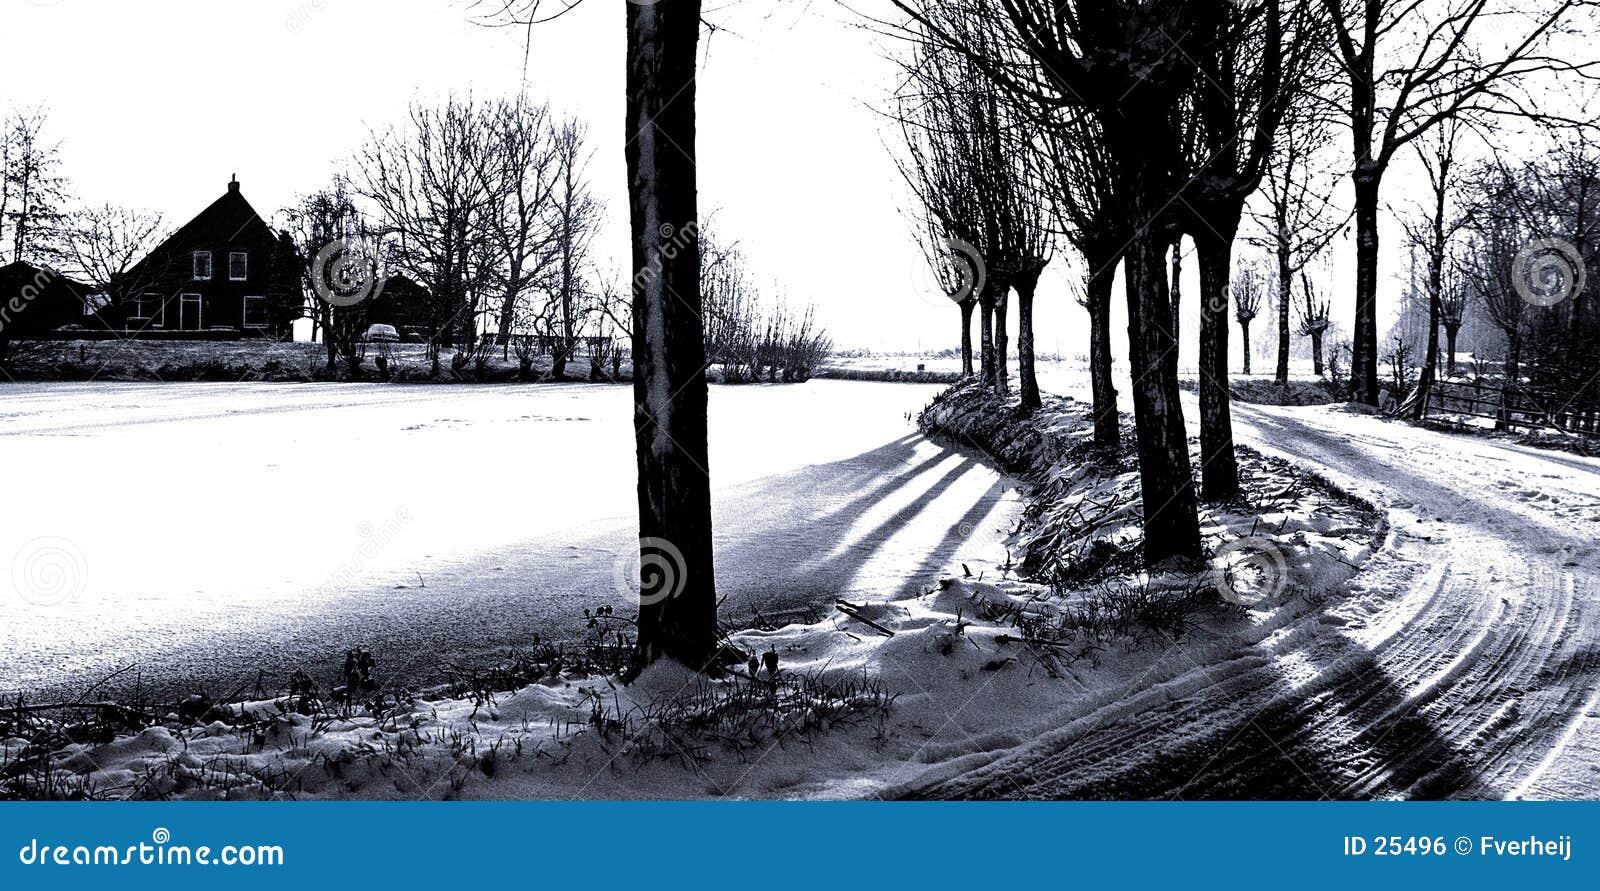 FV Grafik Winterland